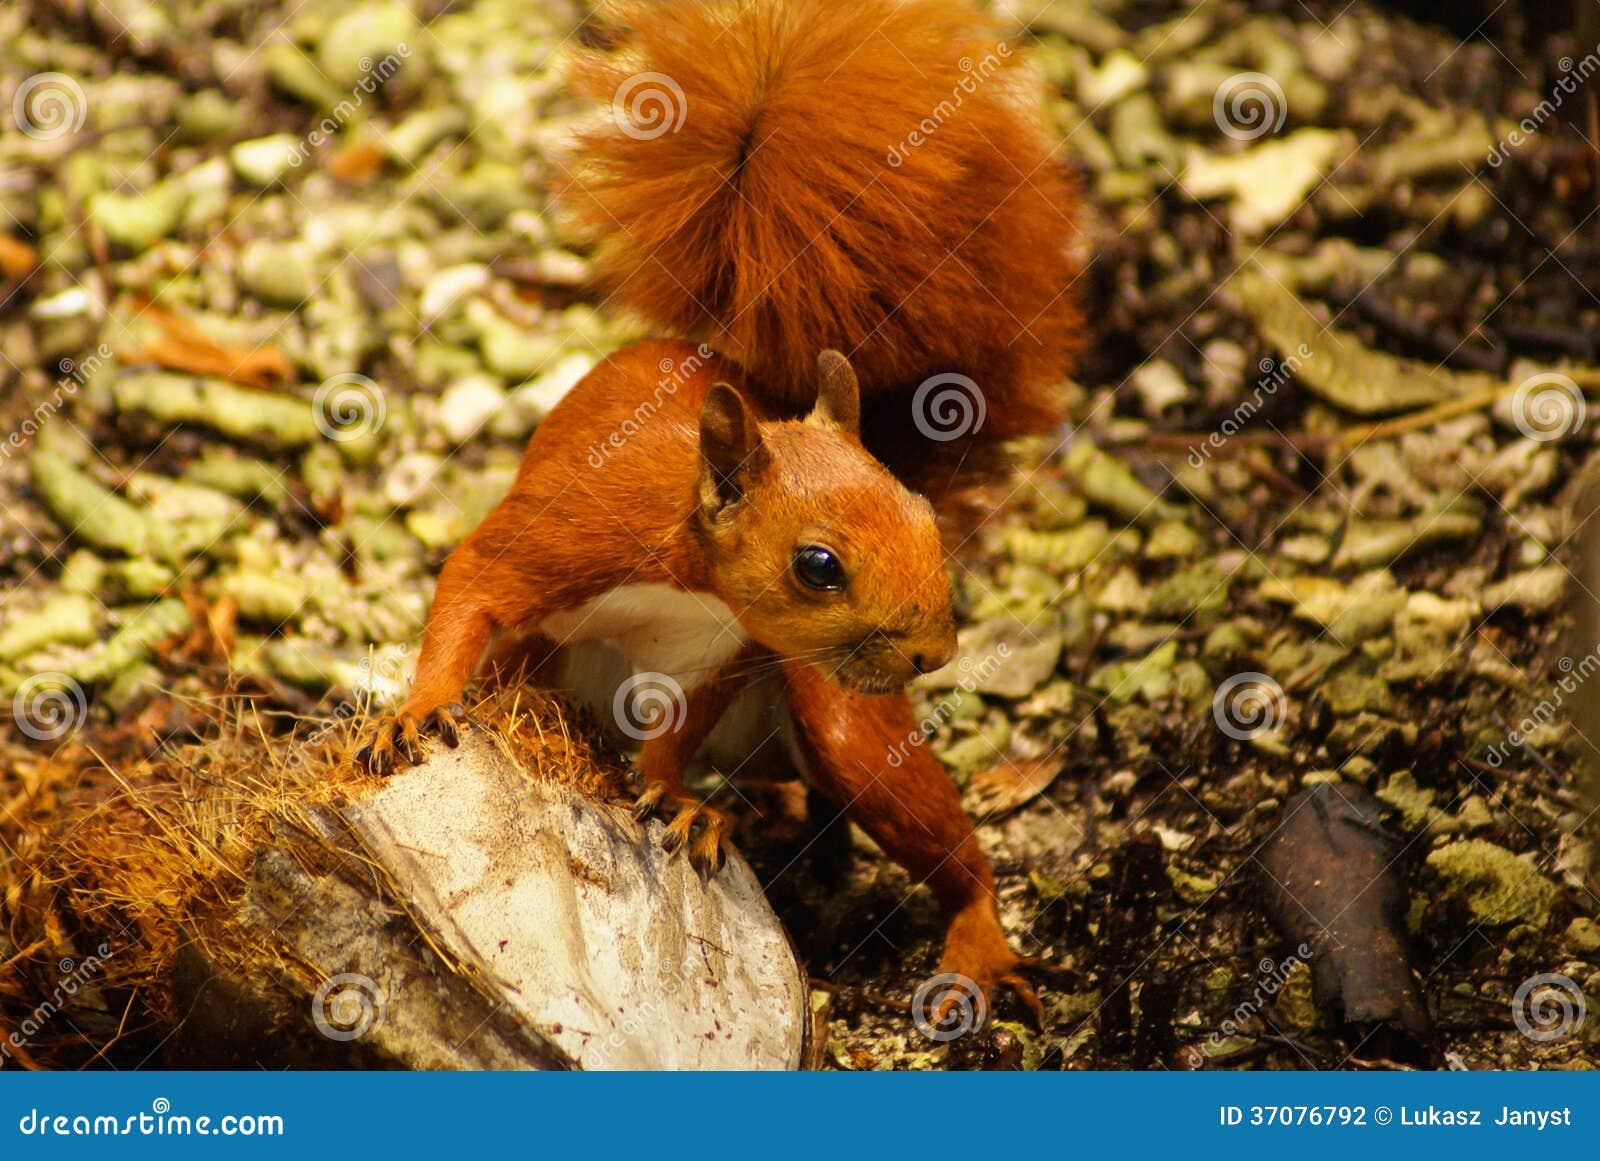 Download Czerwona Wiewiórka W Wyspie Mucura, Kolumbia Zdjęcie Stock - Obraz złożonej z zakończenie, plenerowy: 37076792